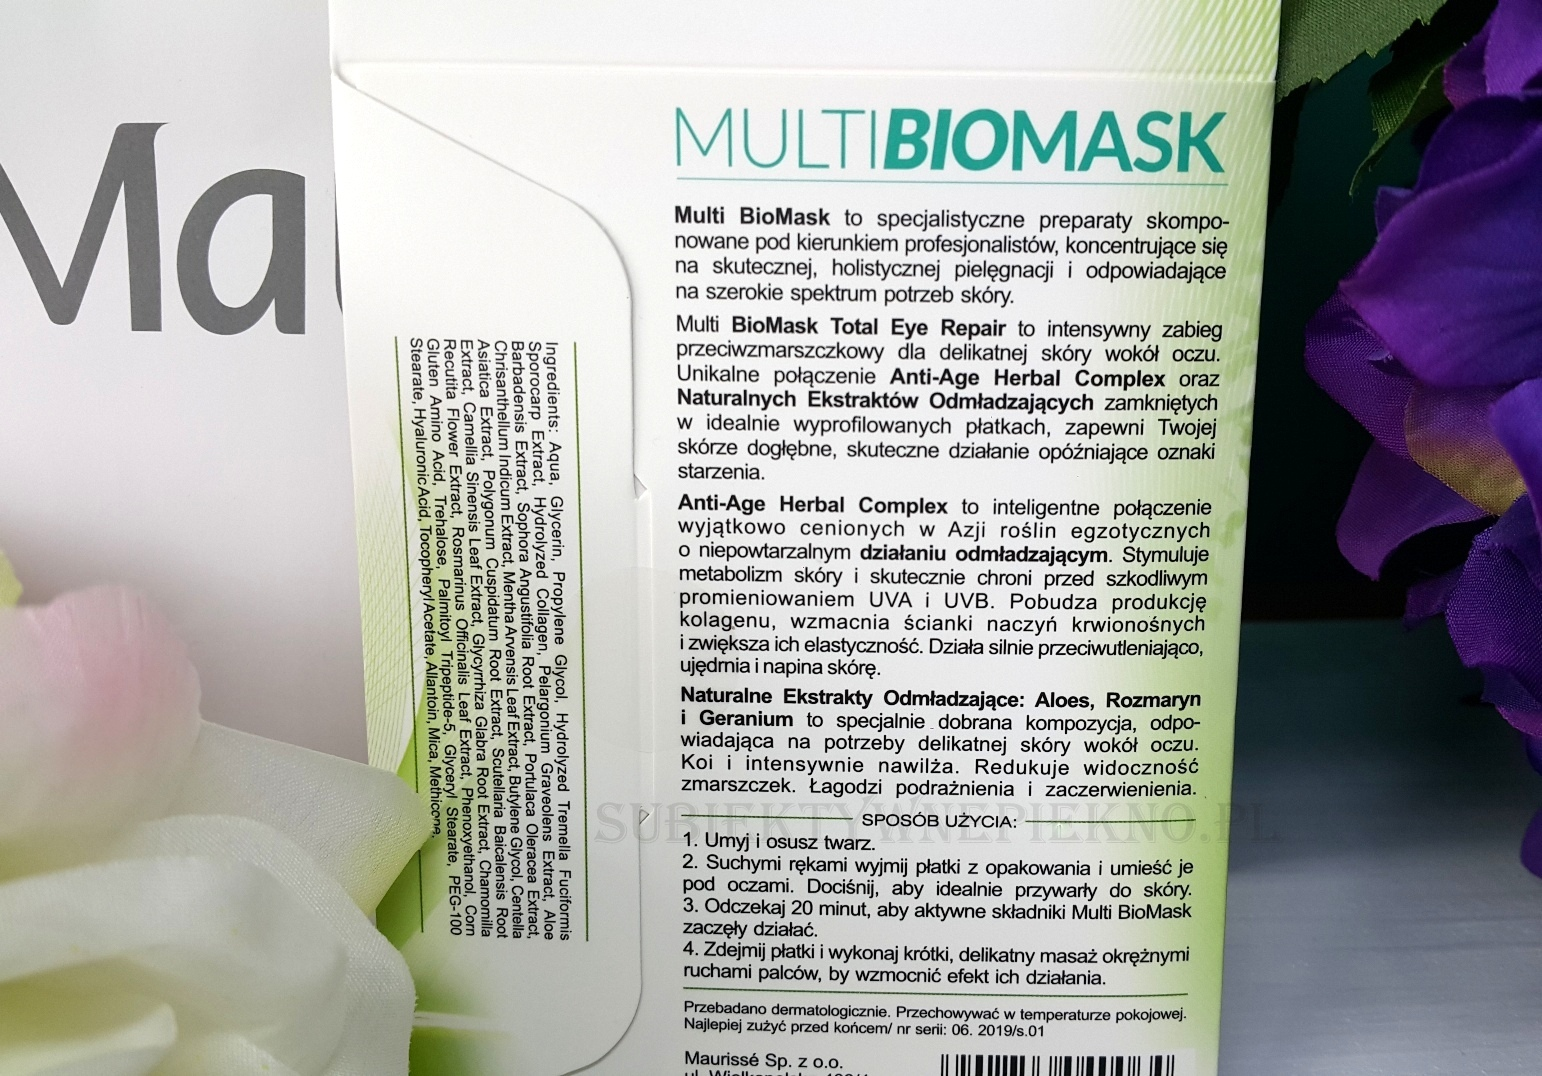 odmładzające płatki pod oczy Multi Biomask działanie i sposób użycia